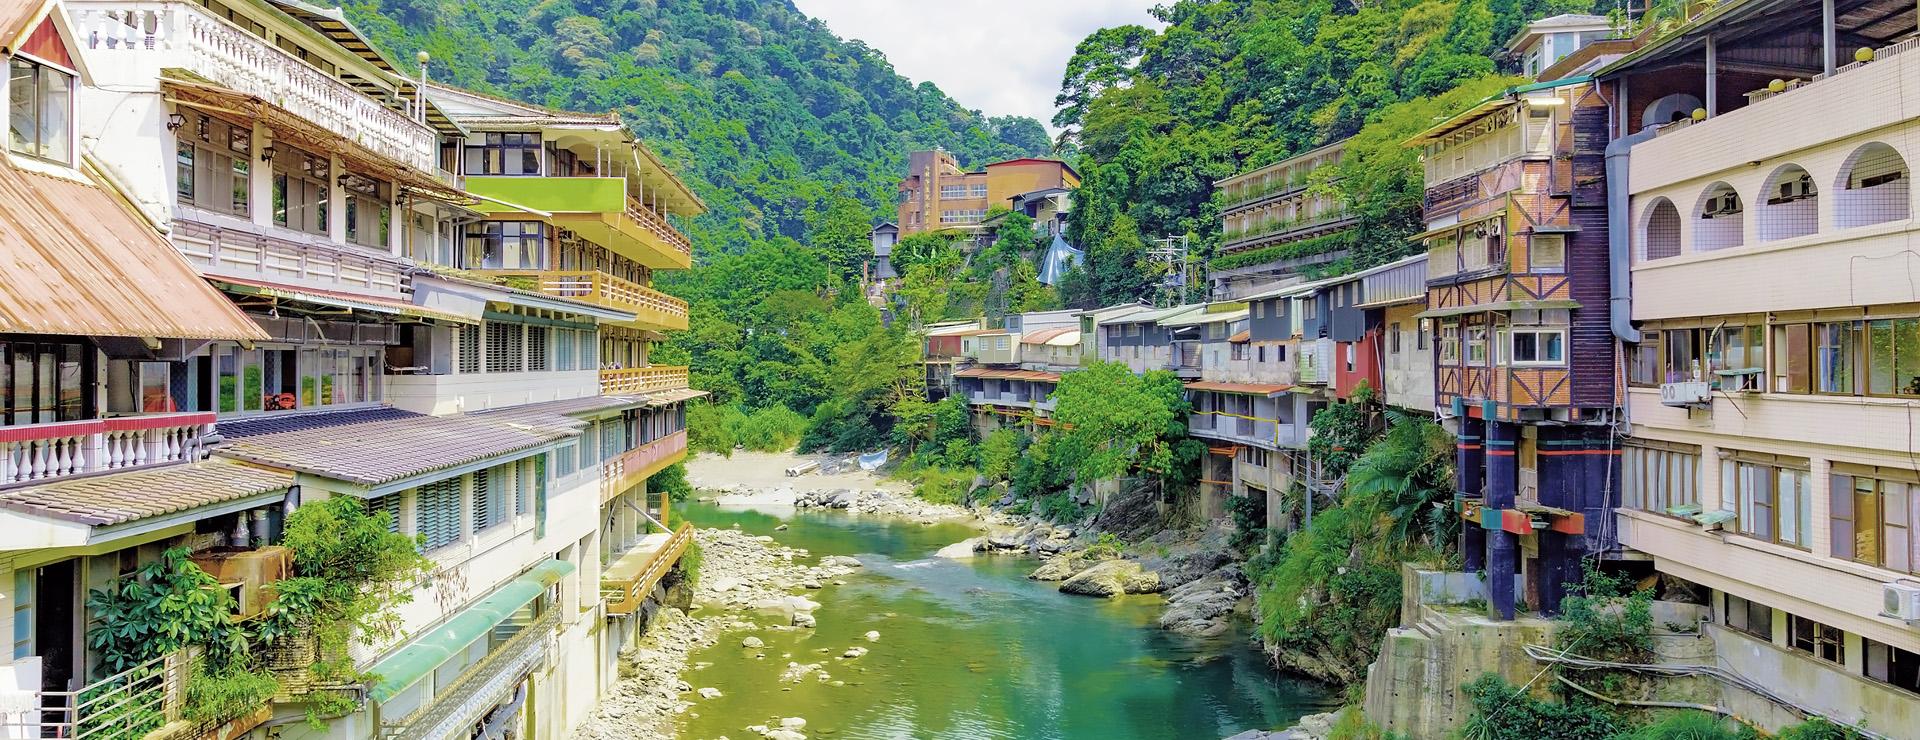 Taiwan – Wulai